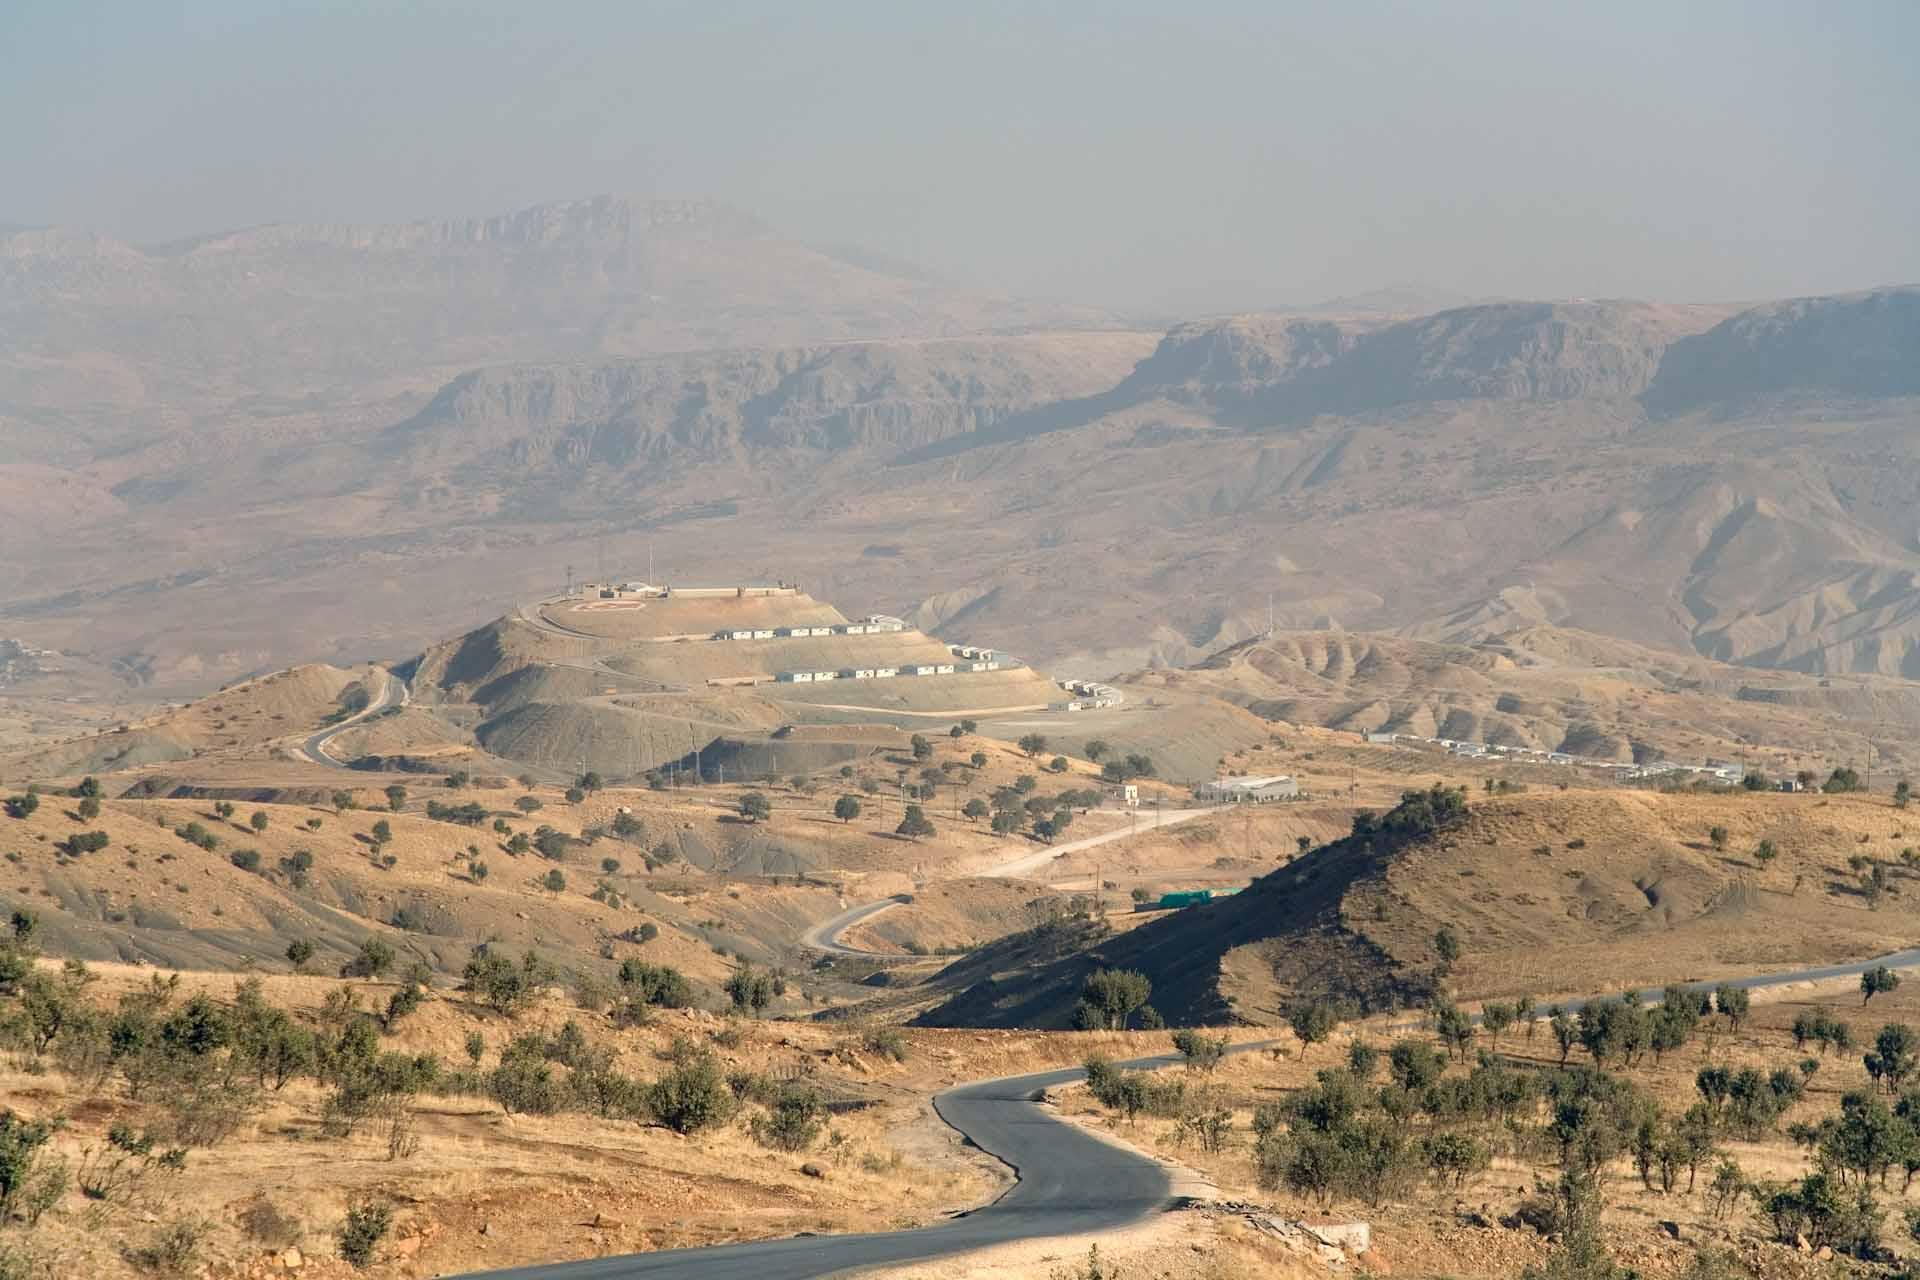 Die eigentliche Baustelle des Staudamms ist grossräumig abgeriegelt und kann nur mit einer Sondergenehmigung aus Ankara besucht werden. Vor Ort sieht man schon von Weitem eine stark veränderte Geologie und Verteidigungsanlagen, die das türkische Militär auf den umliegenden Bergen errichtet hat. Die Infrastruktur der Baustelle ist wiederholt ein Ziel für Angriffe bewaffneter Gruppen gewesen. (2011)